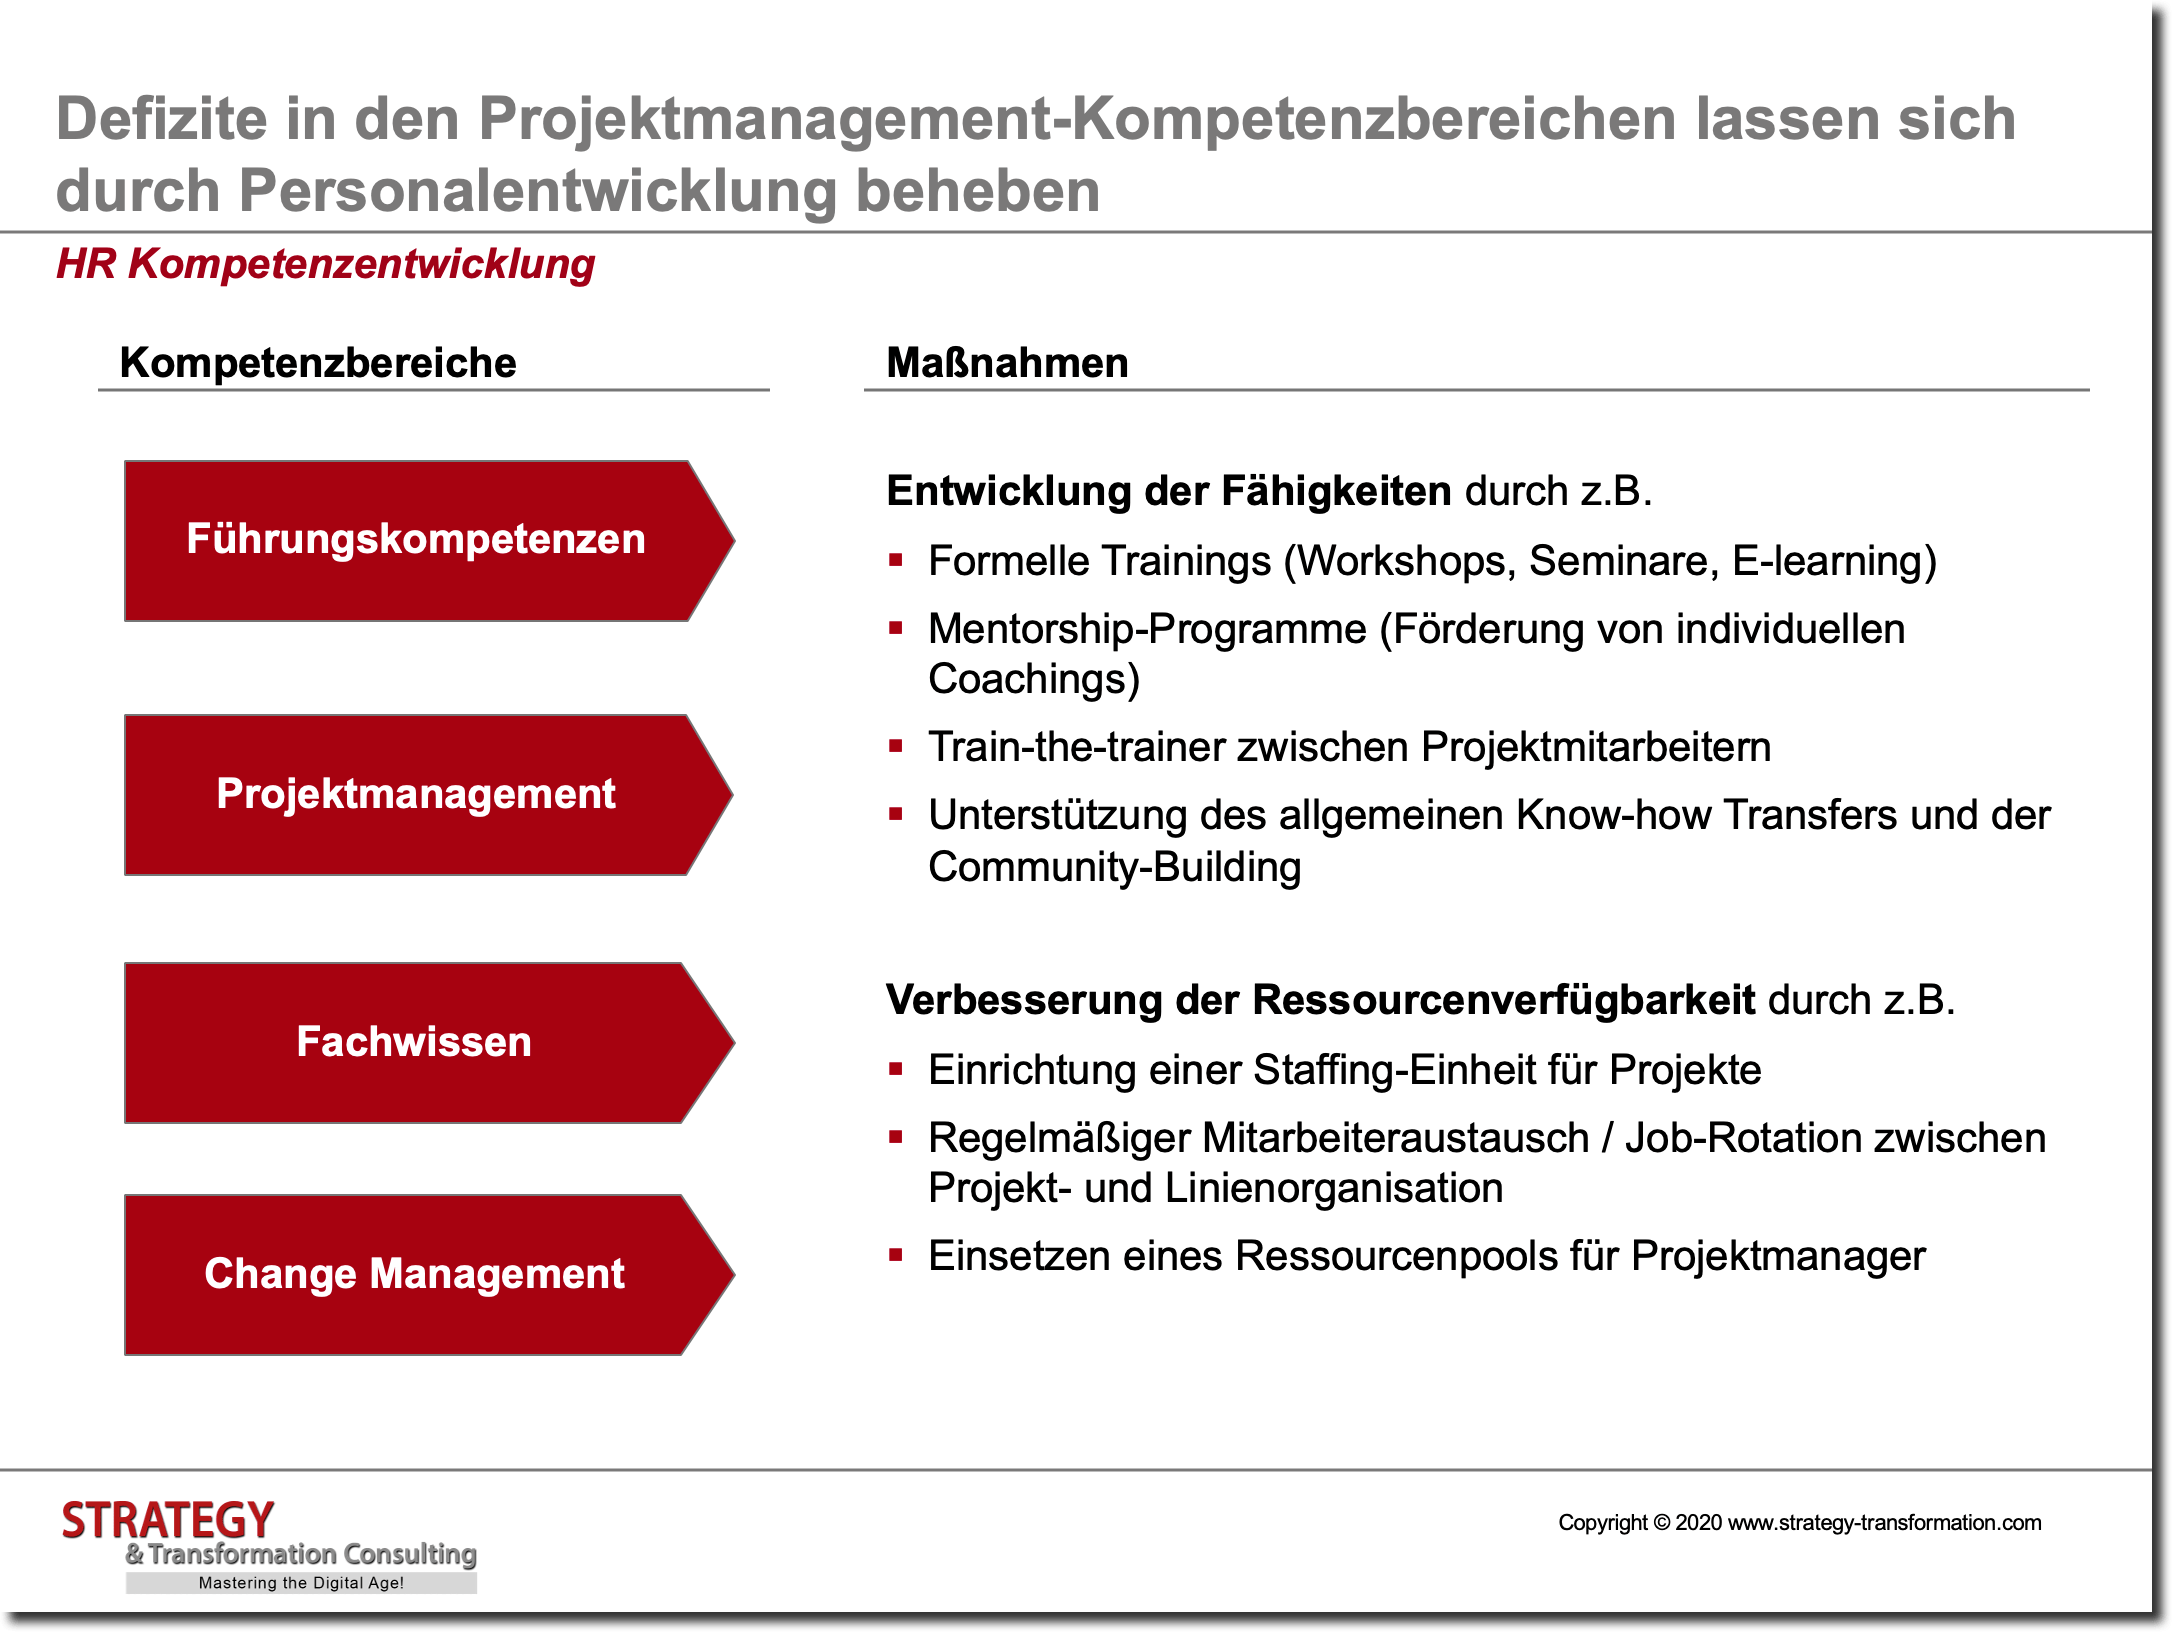 HR Kompetenzentwicklung